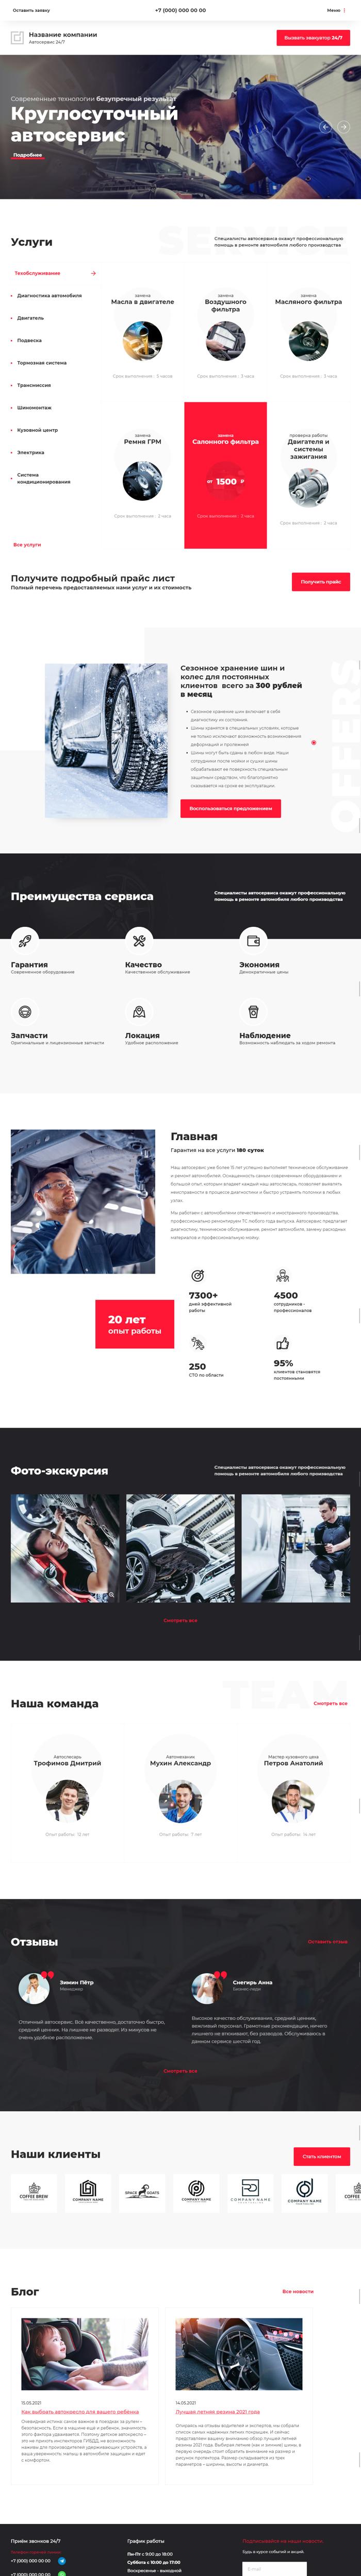 Готовый Сайт-Бизнес #2899420 - Автосервисы, ремонт транспортных средств (Главная)